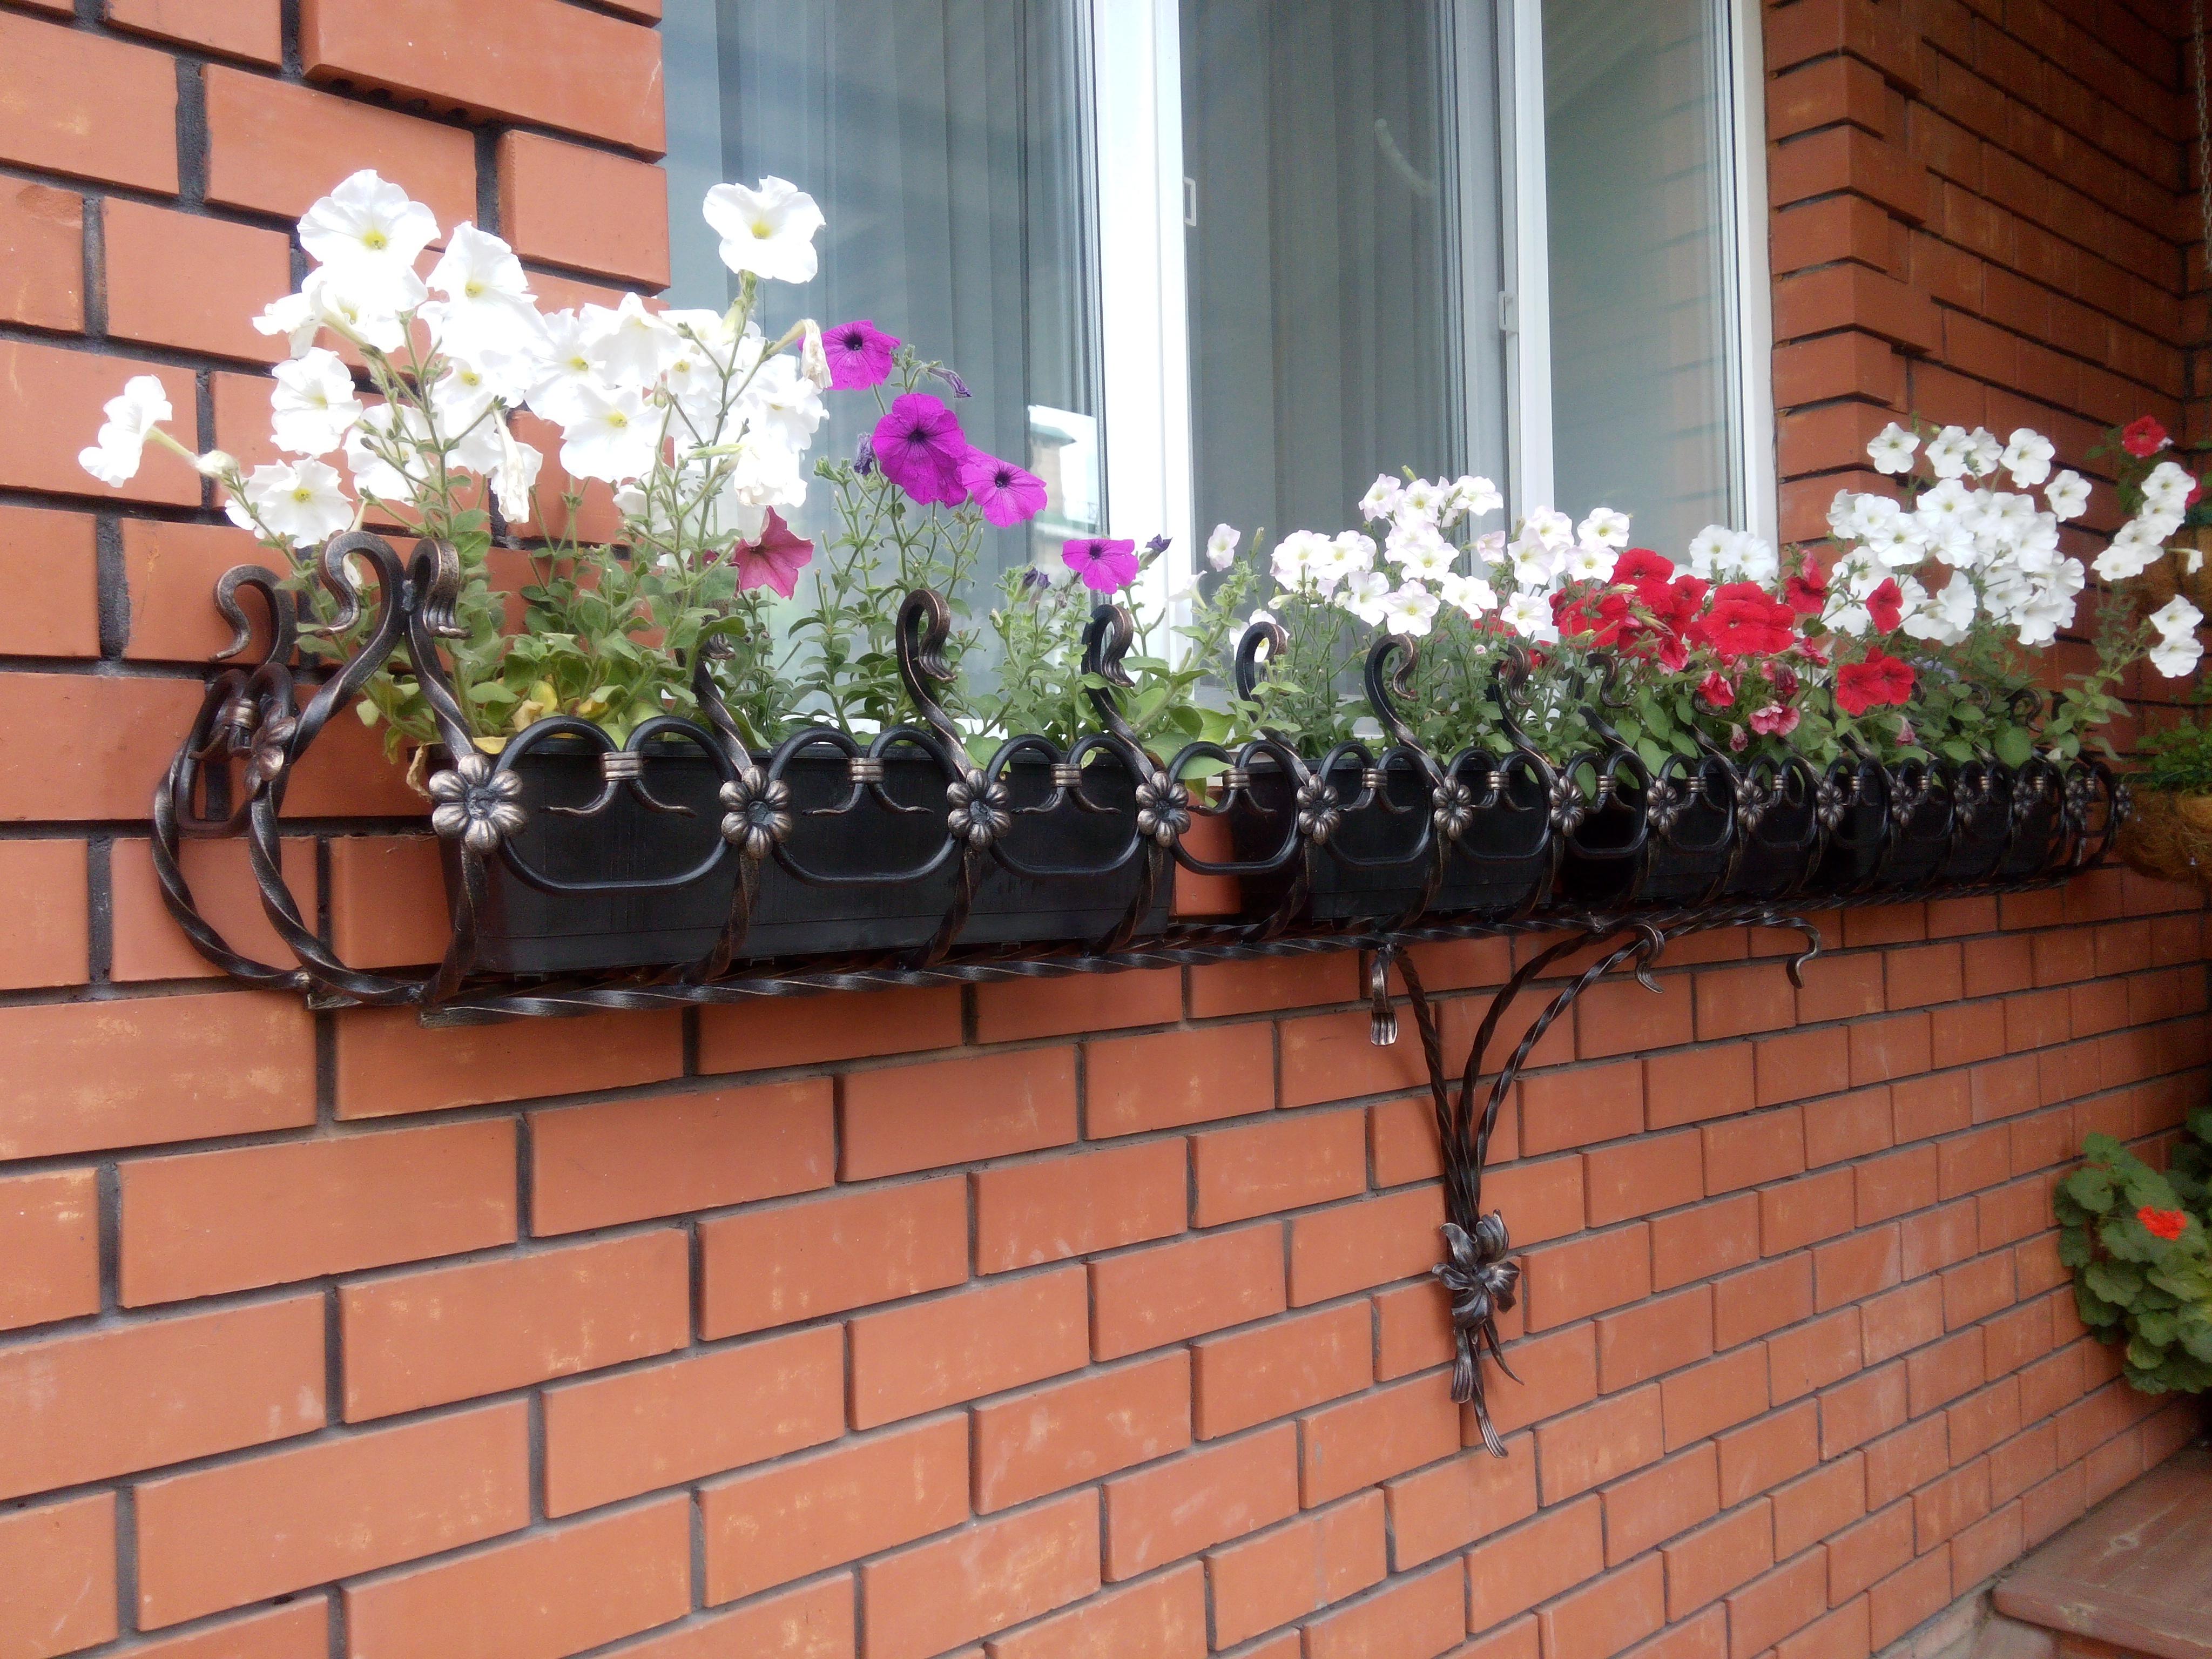 кованые подставки для цветов под окно